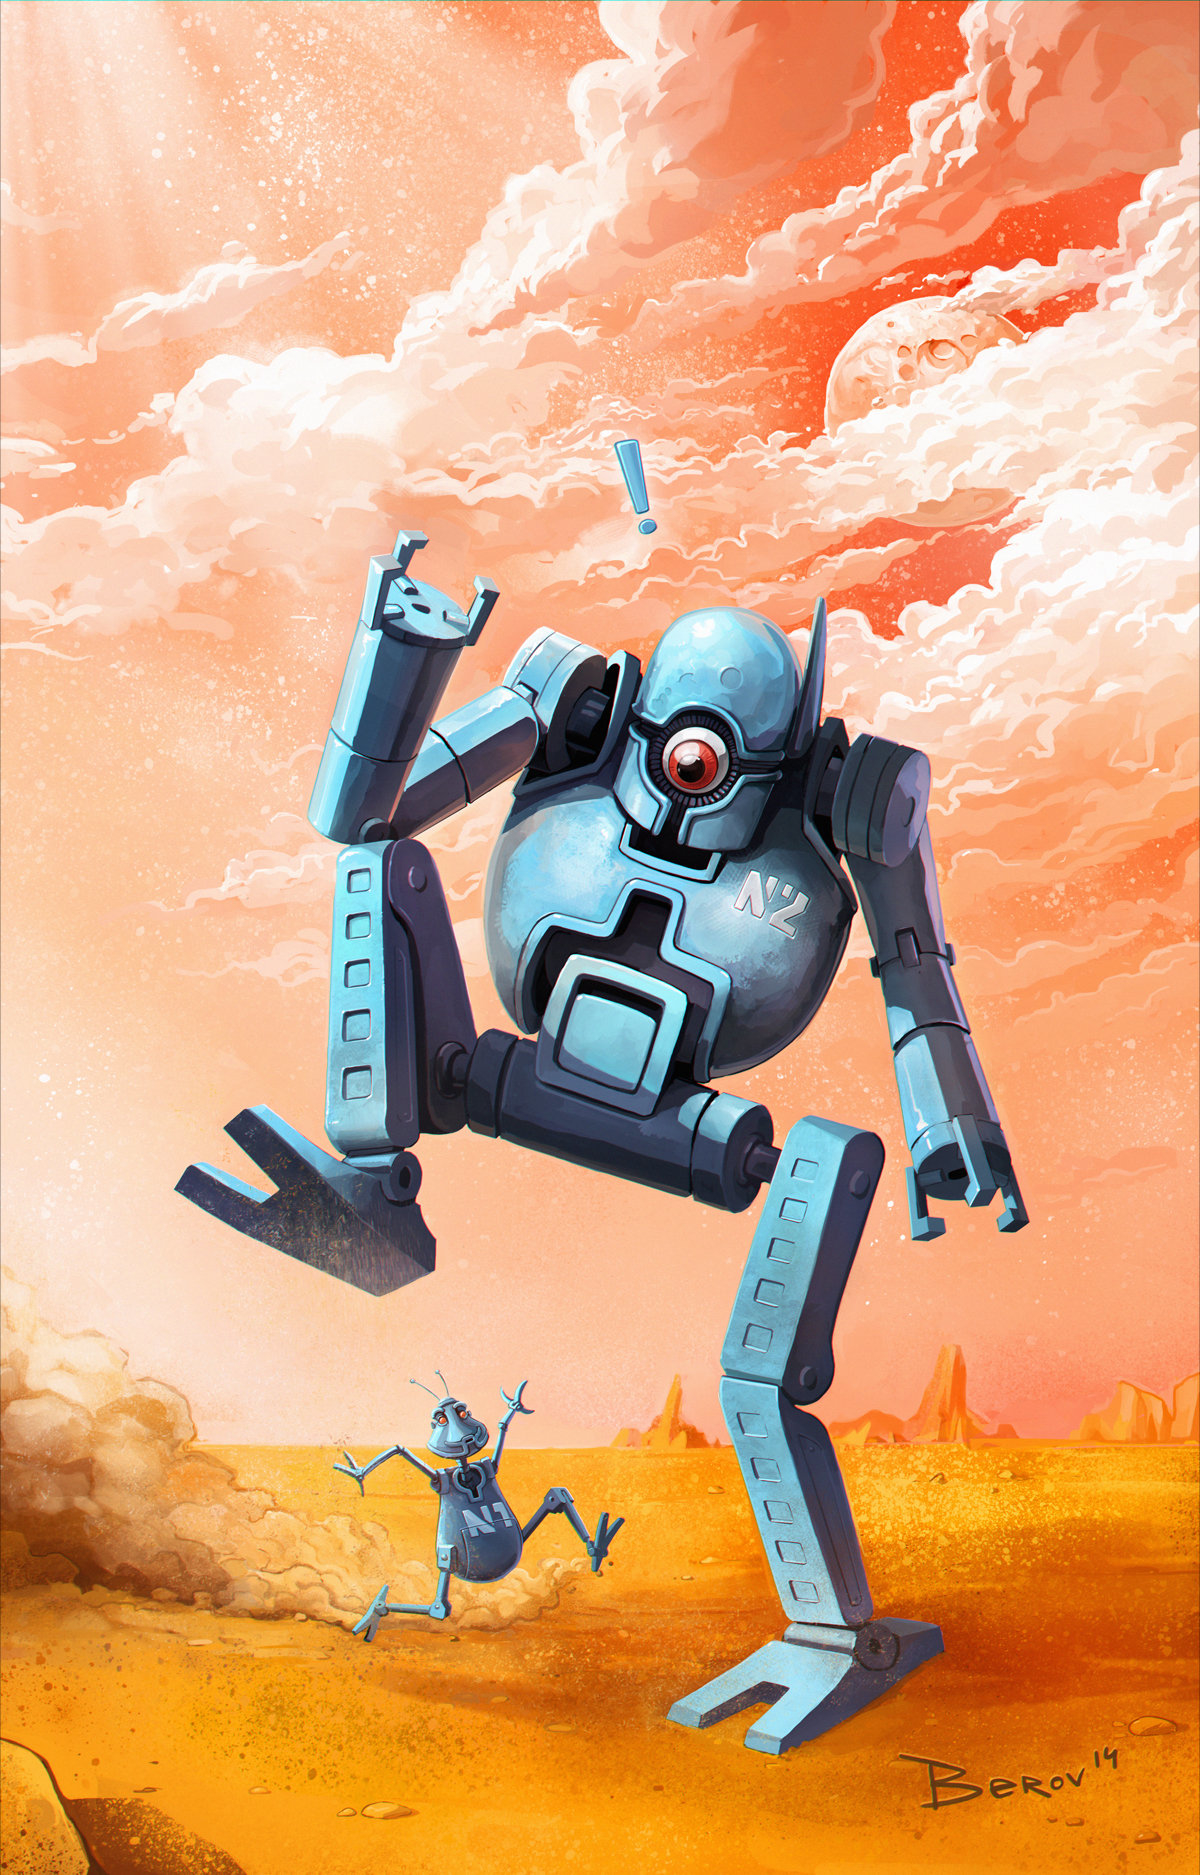 Ivanberov n bots 1 6740f5bd c3e1